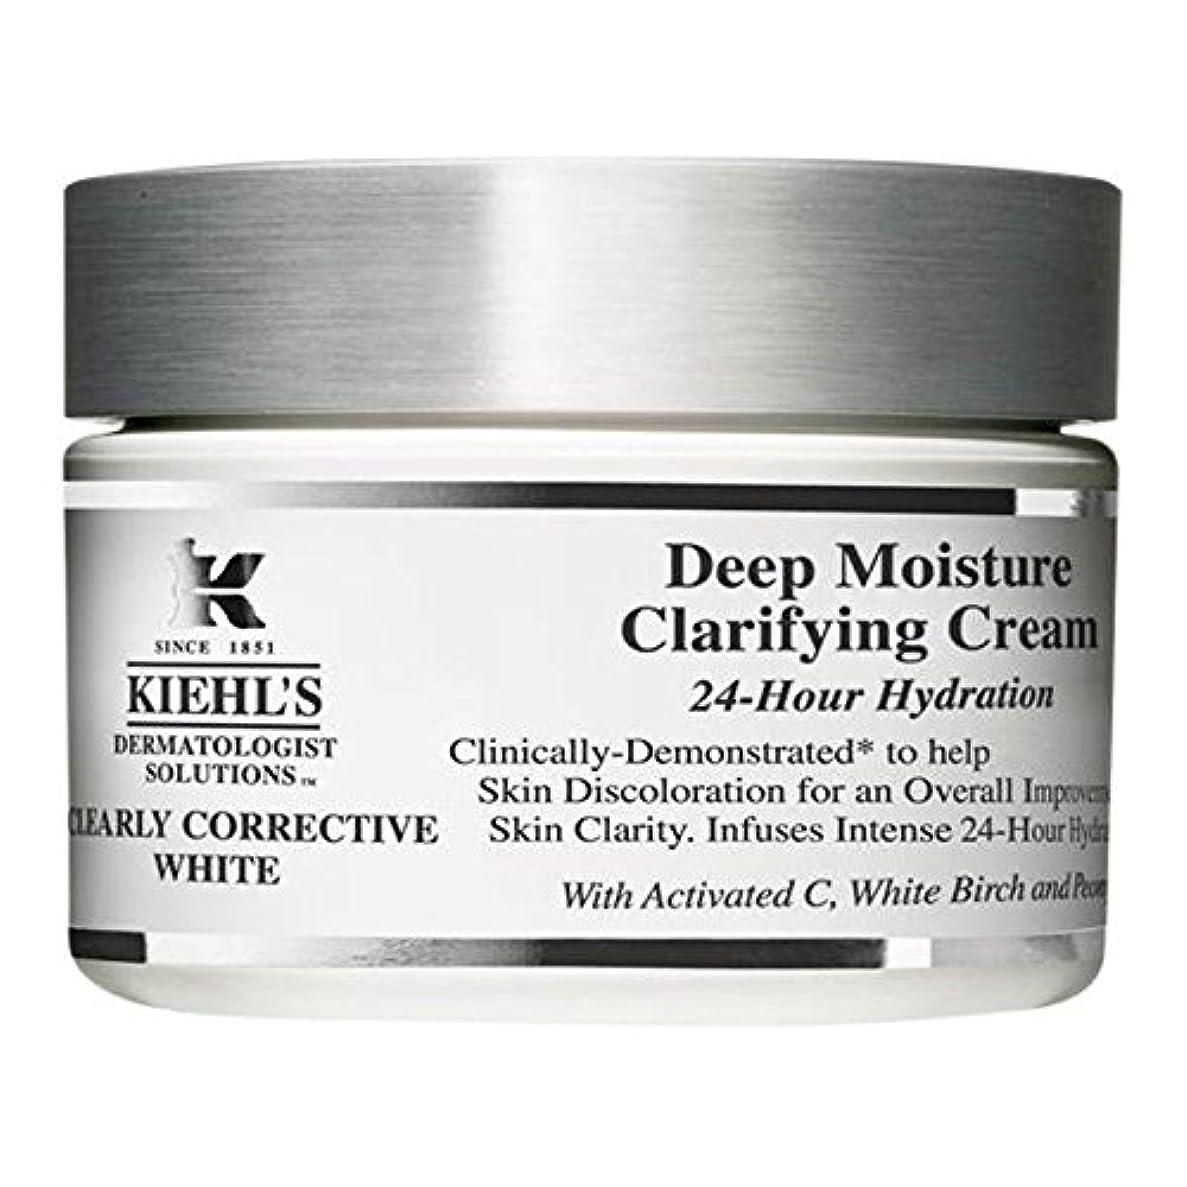 折スピリチュアル飛行場[Kiehl's] キールズ明確に是正白深い水分清澄クリーム - Kiehl's Clearly Corrective White Deep Moisture Clarifying Cream [並行輸入品]